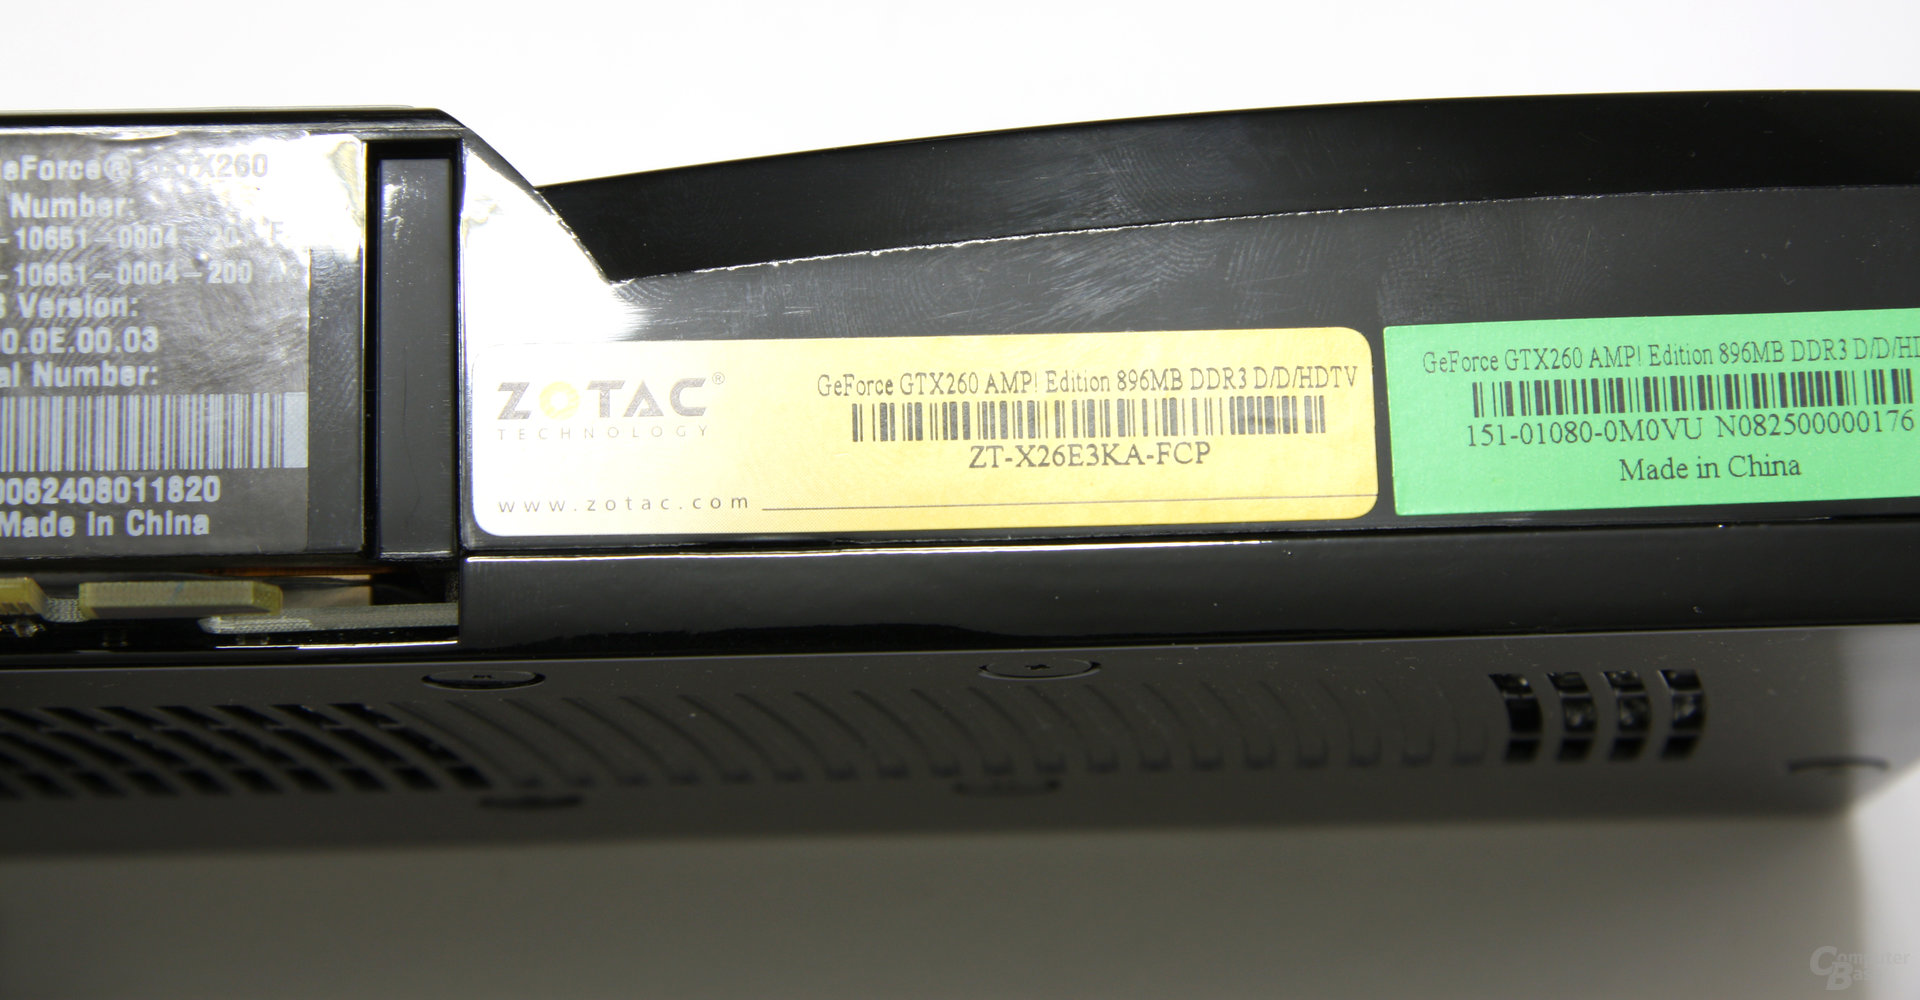 GeForce GTX 260 AMP! Aufkleber